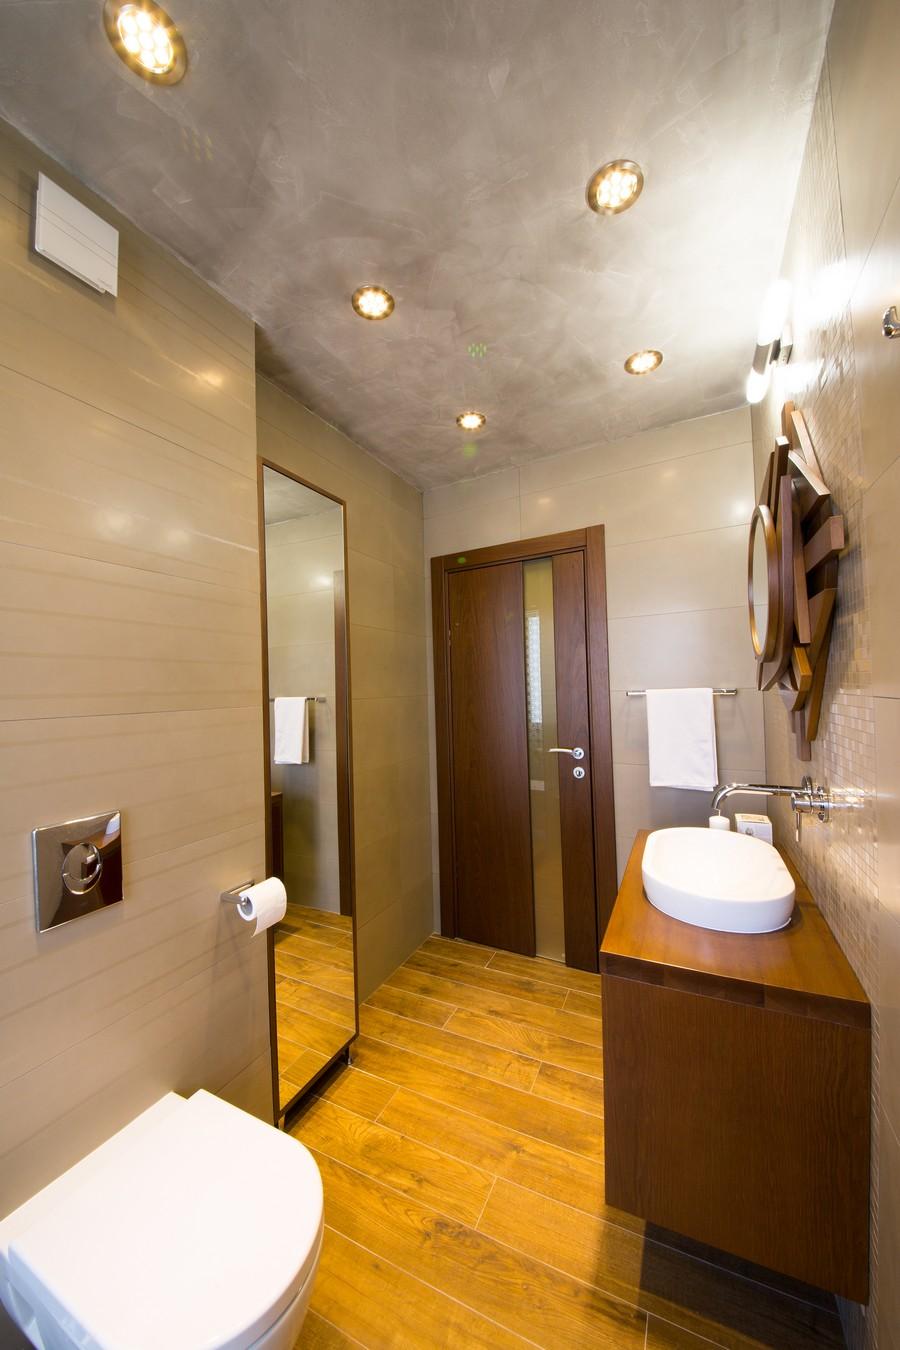 raznoobrazen-apartament-vav-varna-pokazva-neveroqten-interior-913g